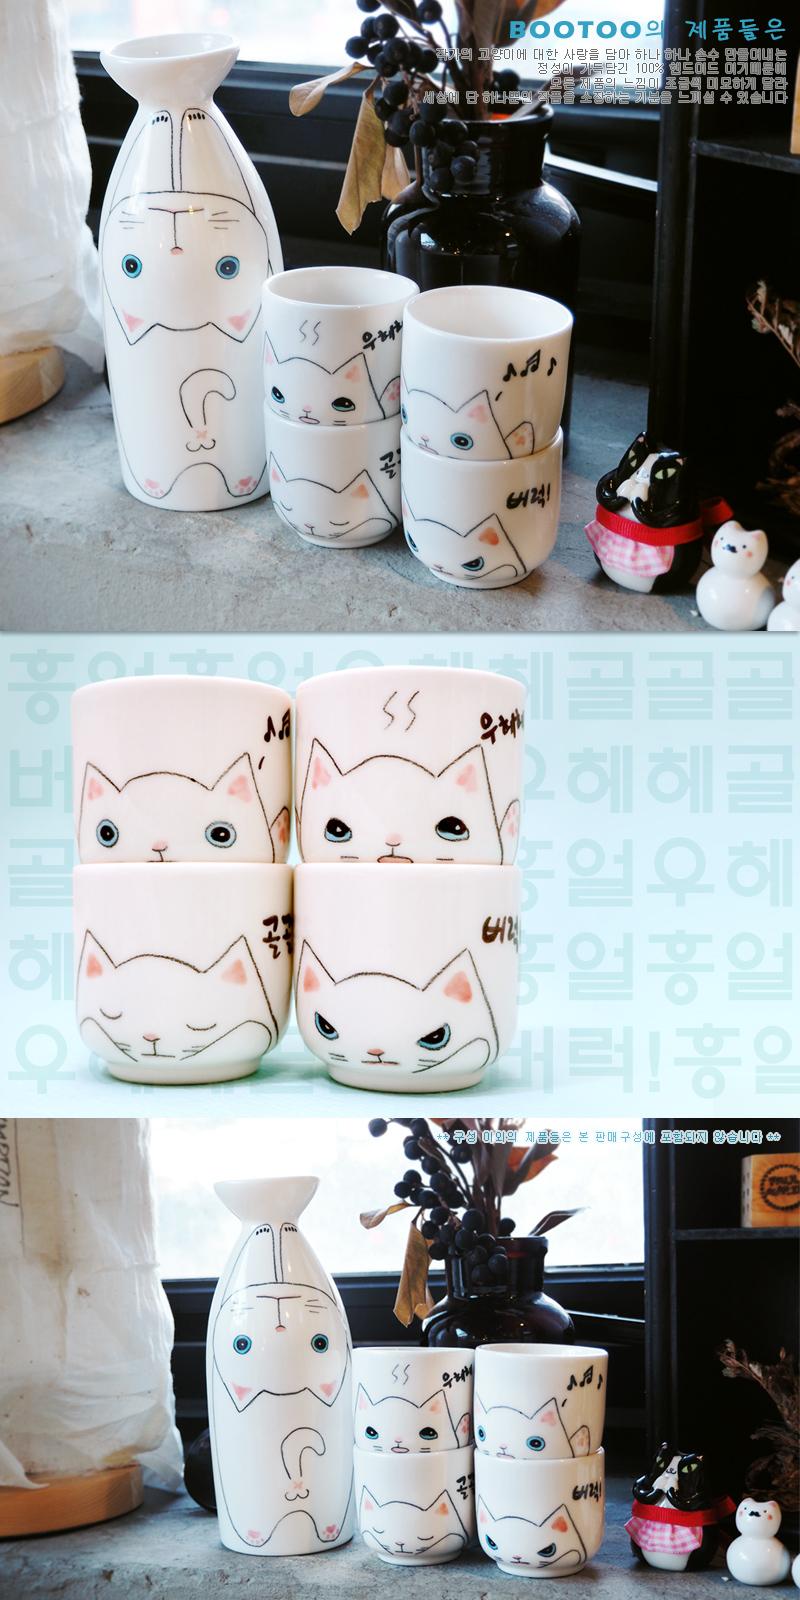 어쩌라구 음주시리즈 대주병 SET - 부뚜막 고양이, 50,000원, 유리컵/술잔, 소주잔